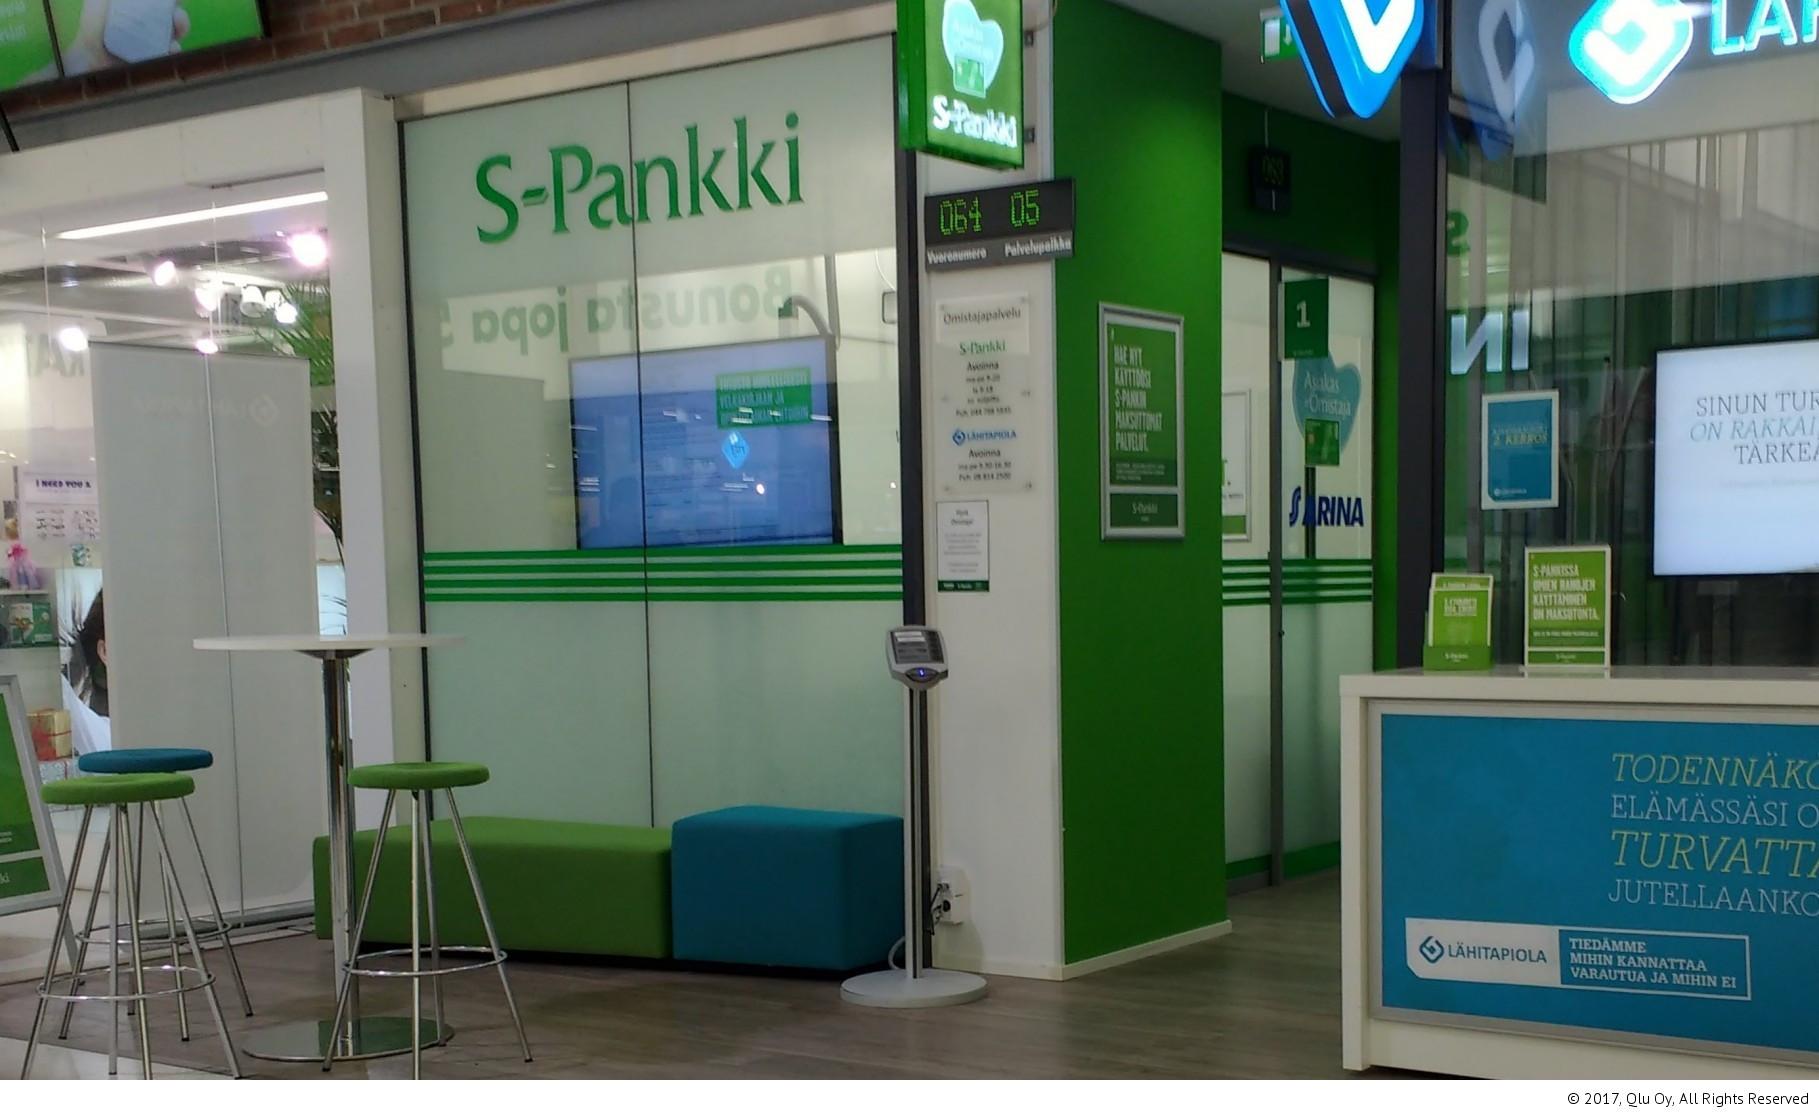 S-pankin asiakasomistajapisteet